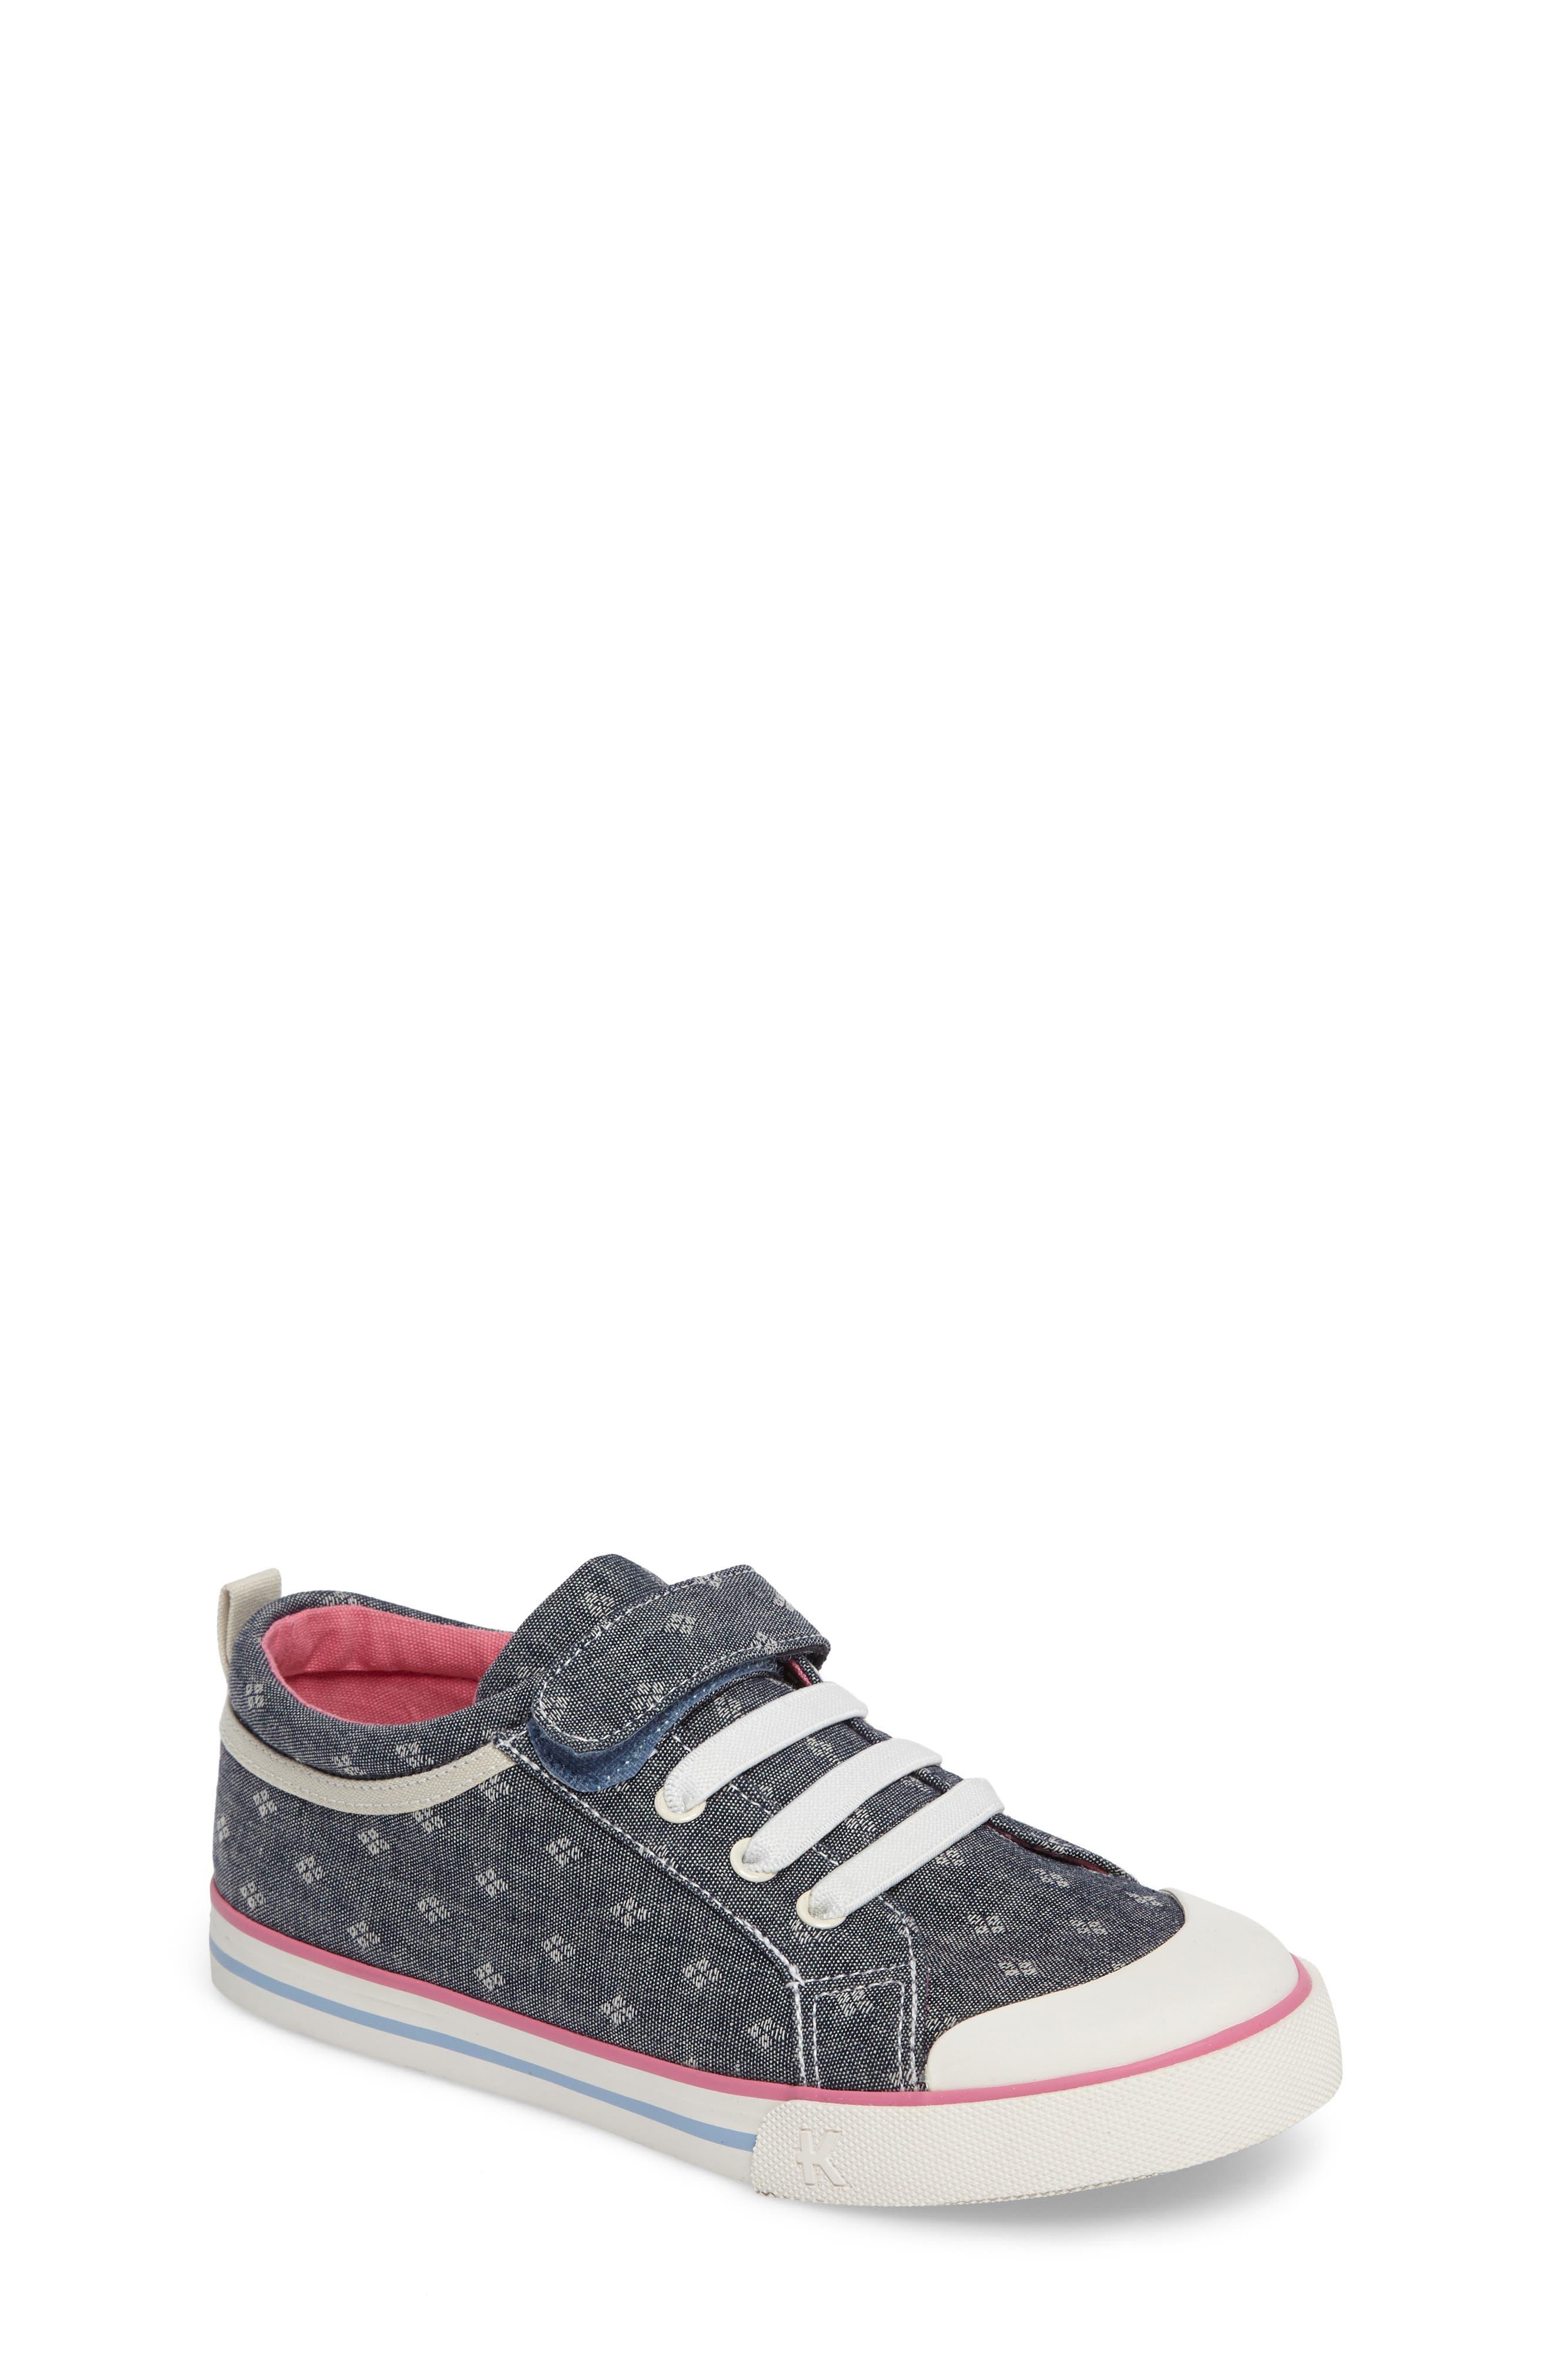 'Kristin' Sneaker,                             Main thumbnail 1, color,                             400